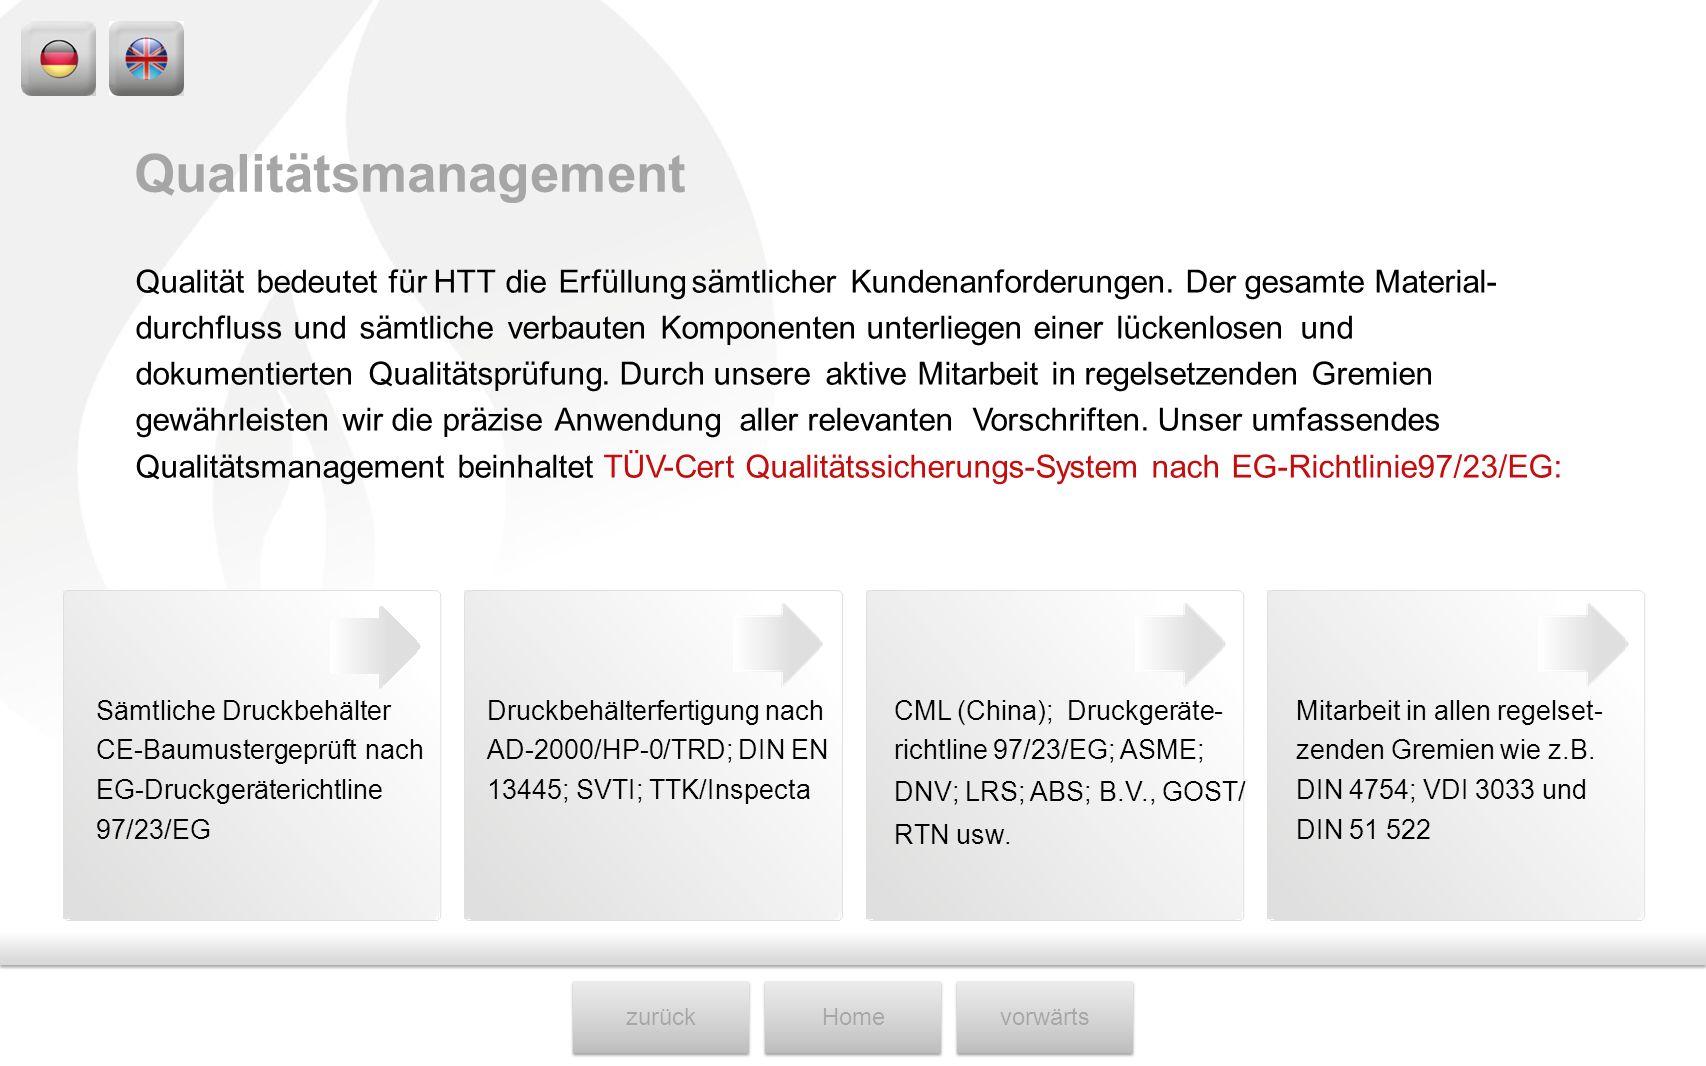 Qualitätsmanagement Qualität bedeutet für HTT die Erfüllung sämtlicher Kundenanforderungen. Der gesamte Material-